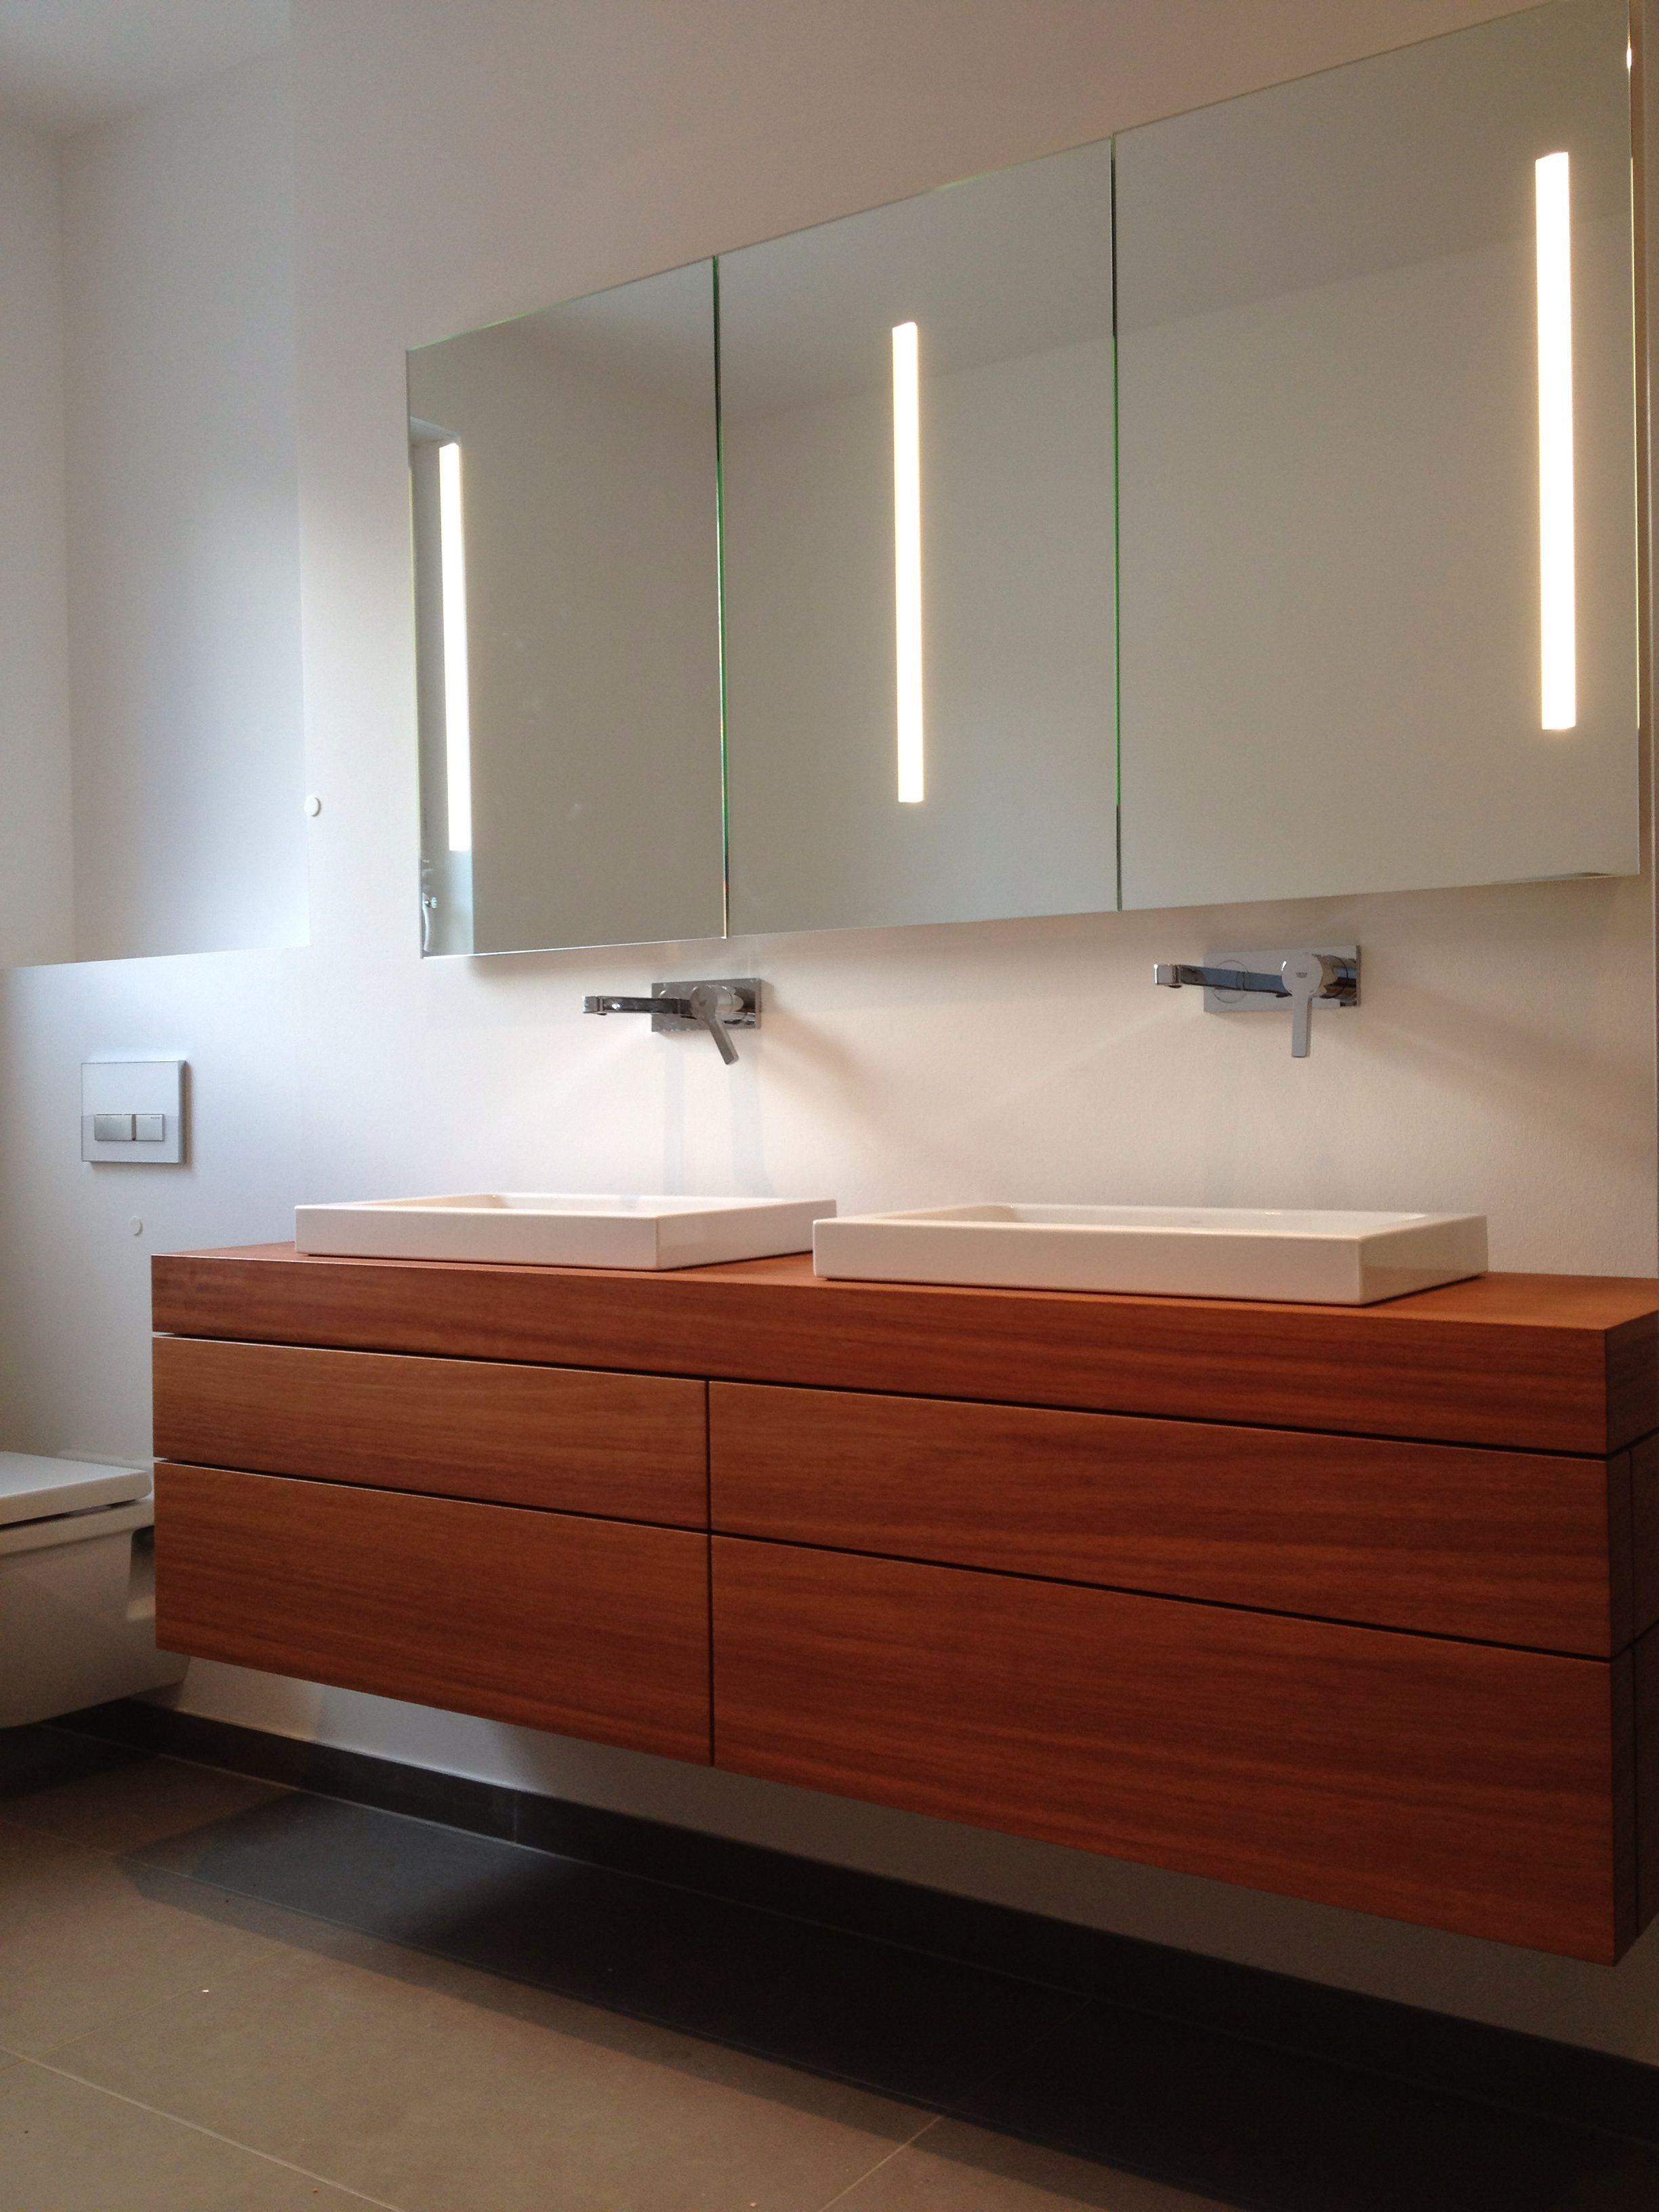 waschtischunterschrank mit schubladen und spiegelschrank. Black Bedroom Furniture Sets. Home Design Ideas